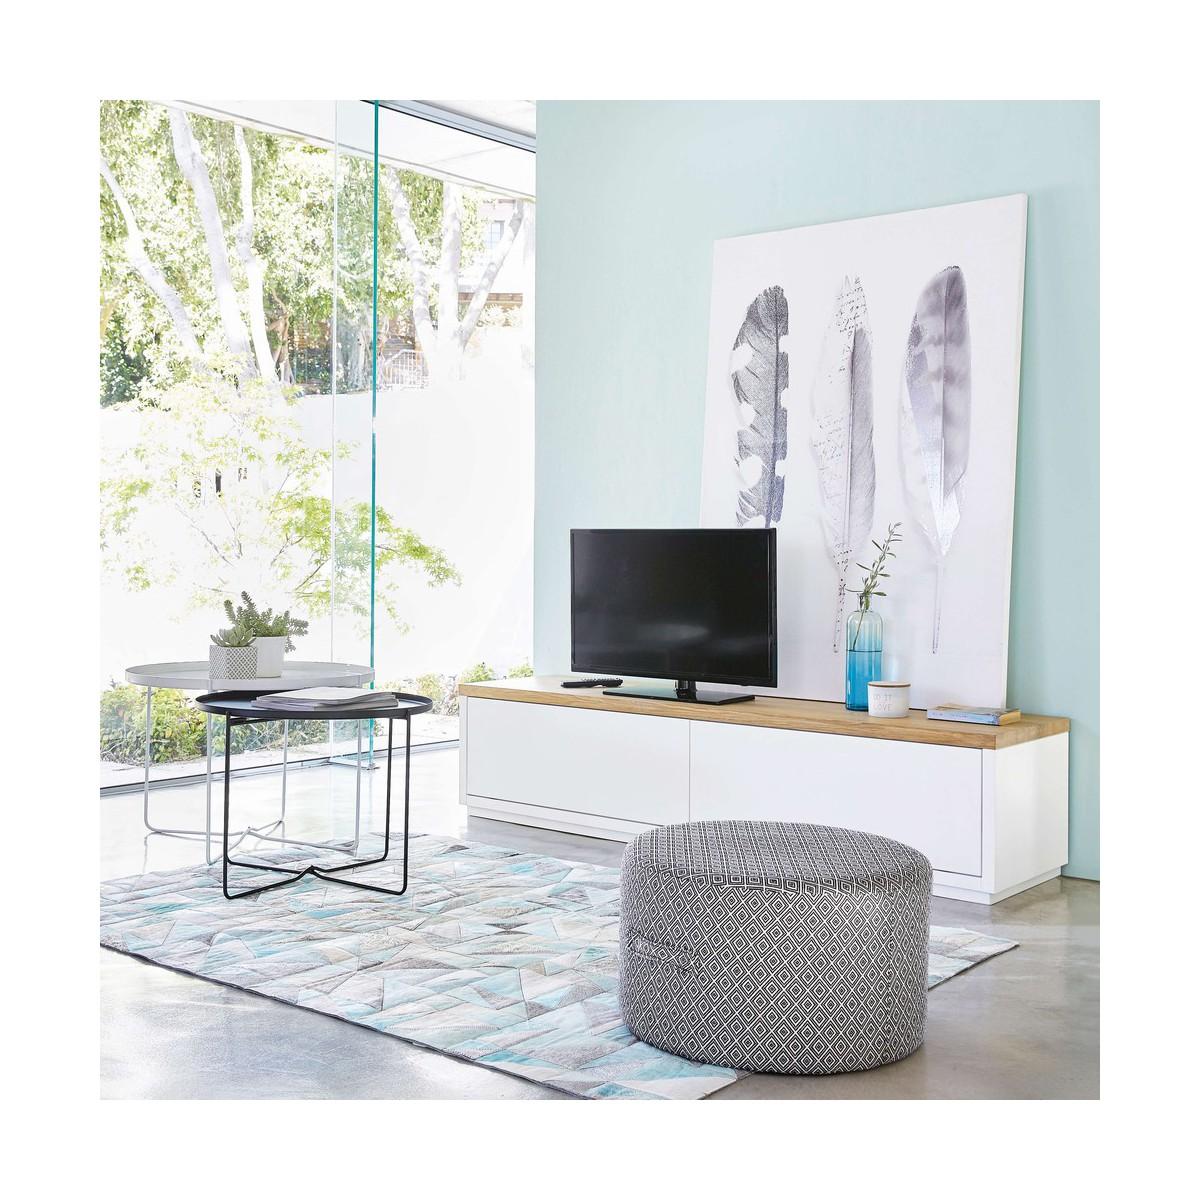 toile maison du monde une with toile maison du monde simple toile imprime noire et blanche. Black Bedroom Furniture Sets. Home Design Ideas